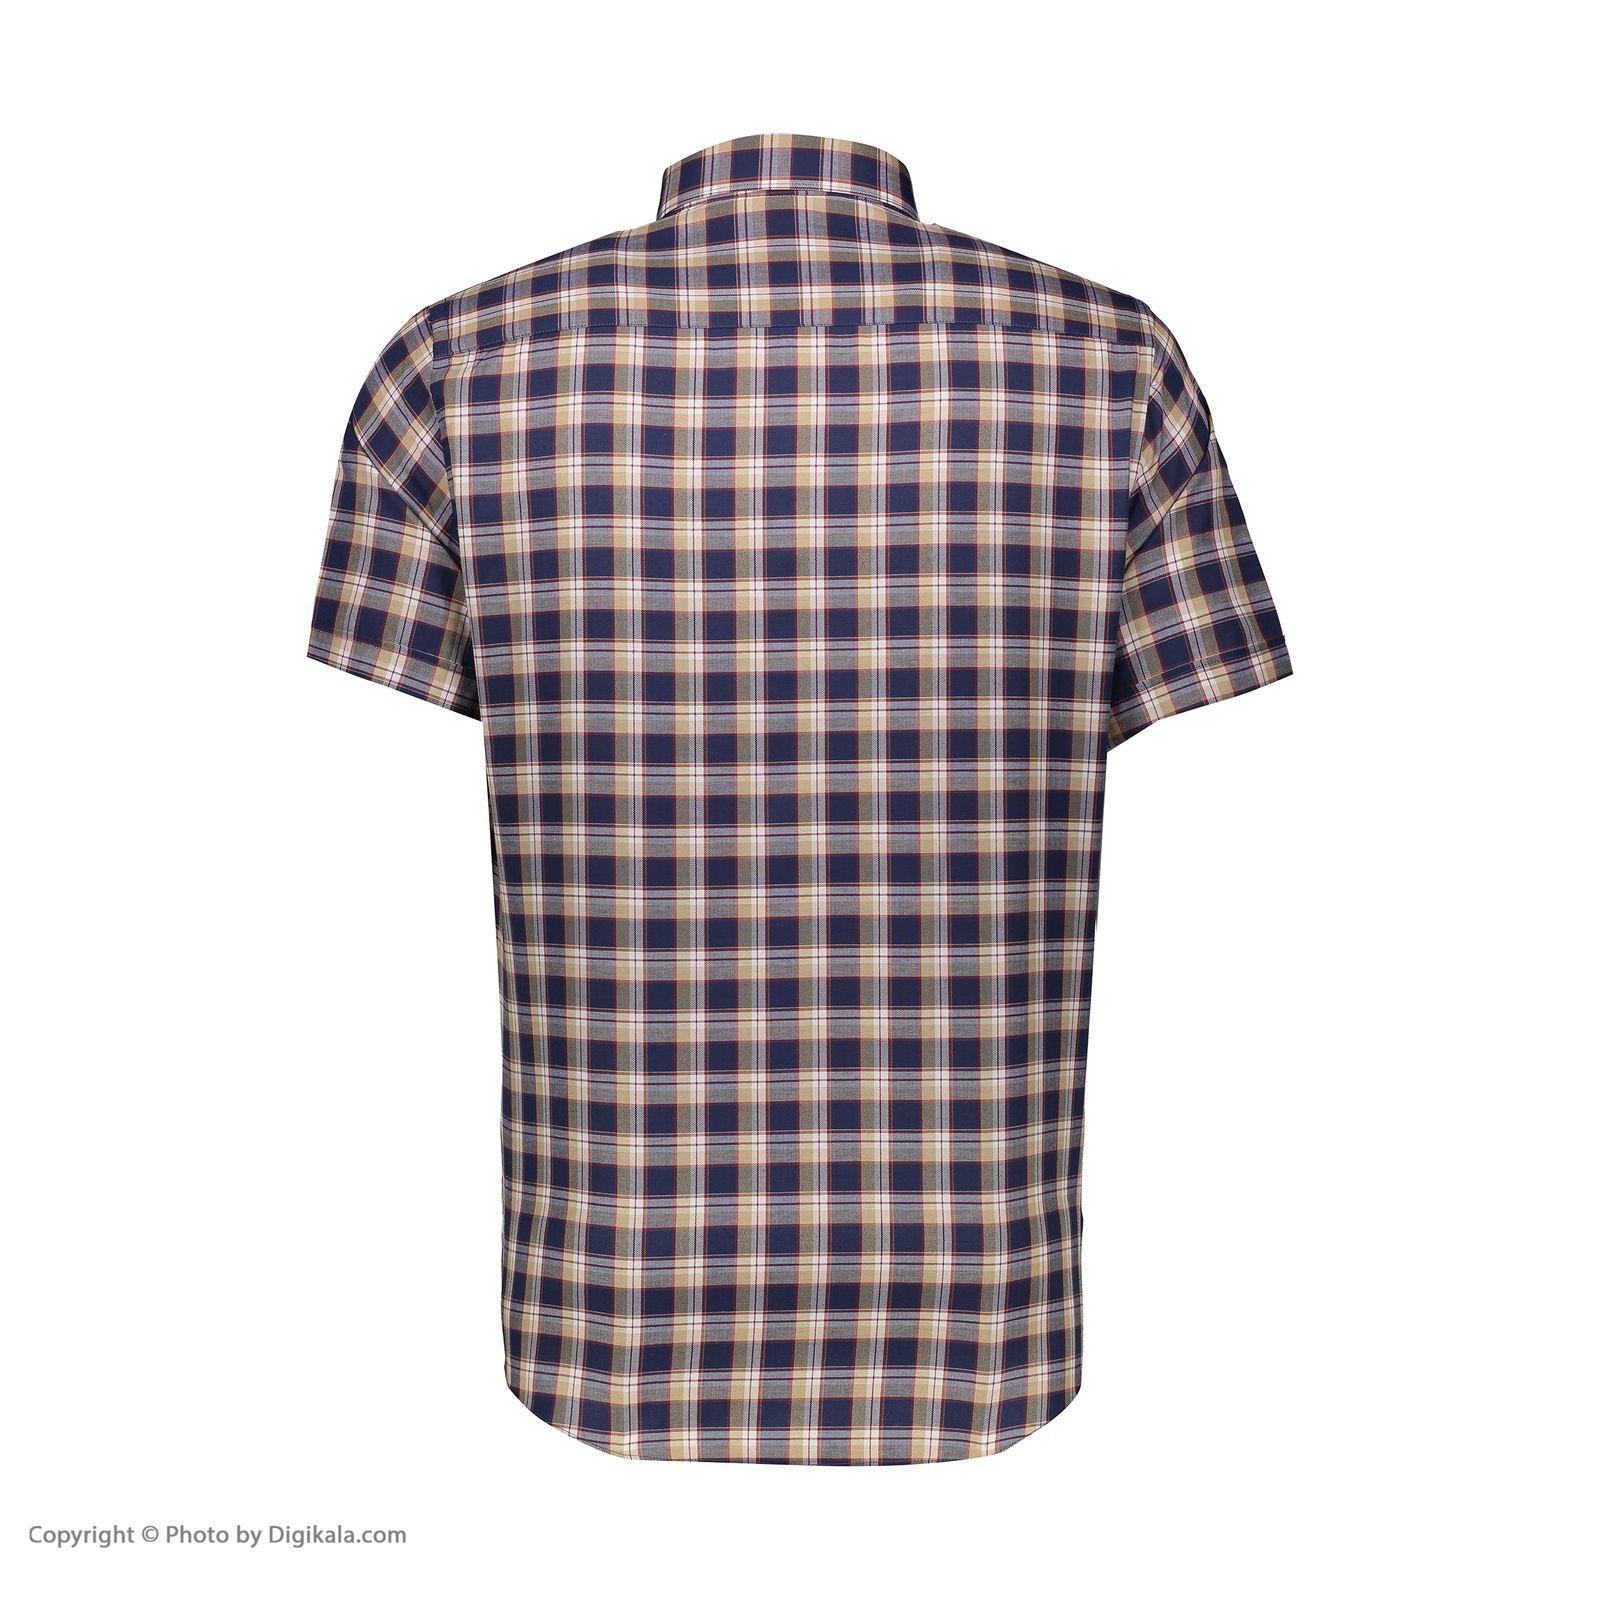 پیراهن مردانه زی مدل 1531227MC -  - 5